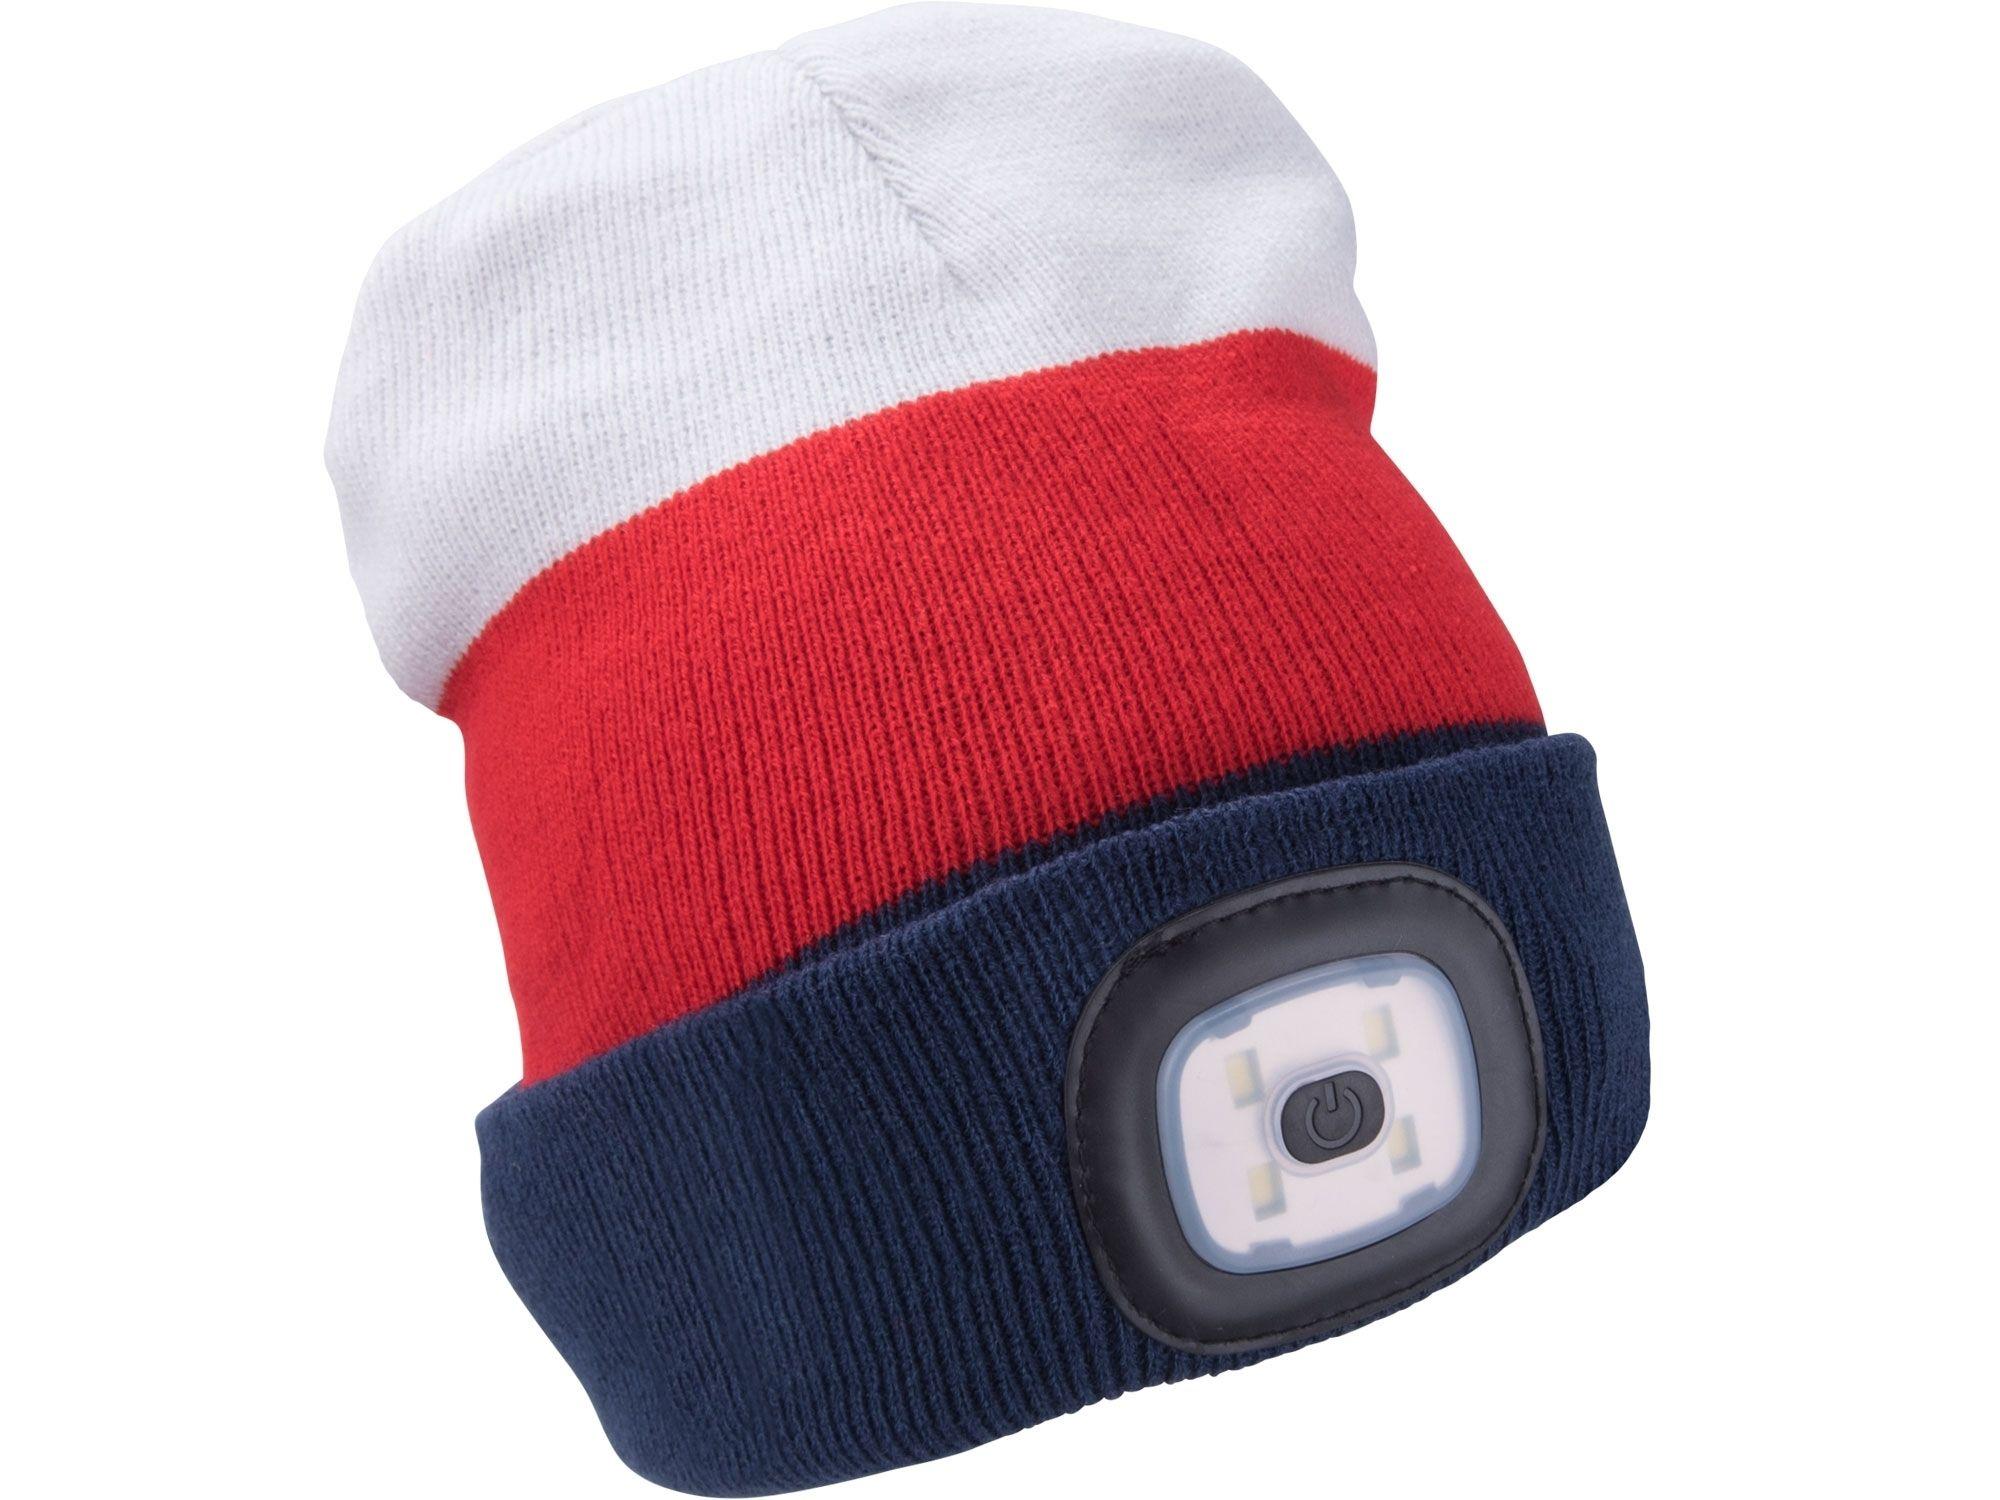 Čepice s čelovkou 4x45lm, USB nabíjení, bílá/červená/modrá, univerzální velikost EXTOL-LIGHT